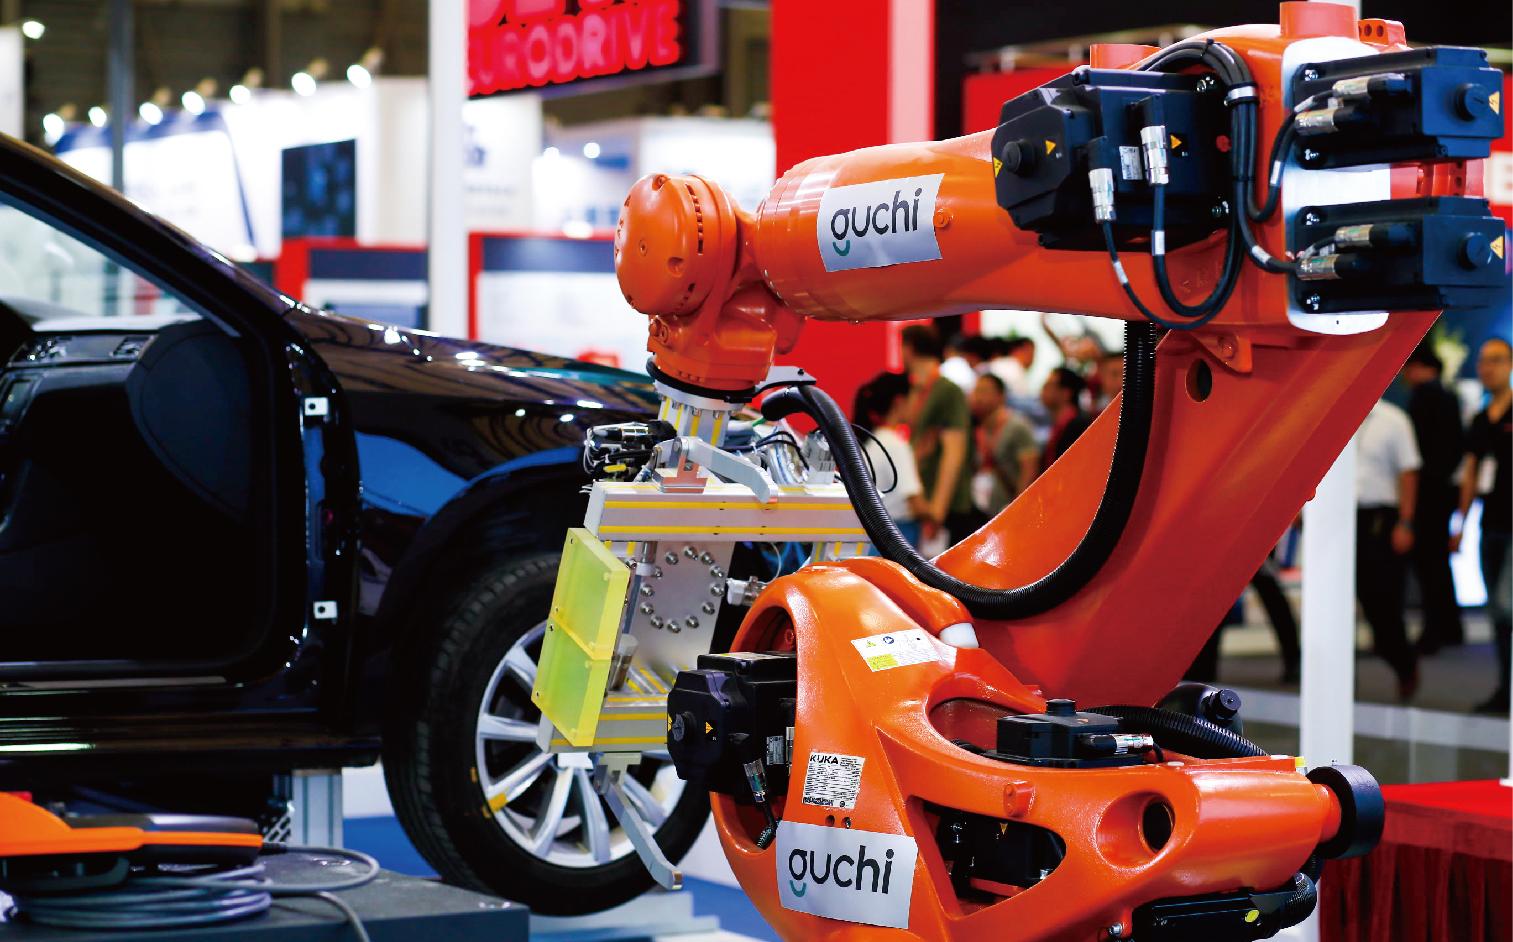 AHTE 2019 广角镜 | 固智机器人:汽车装配自动化,岂止于见